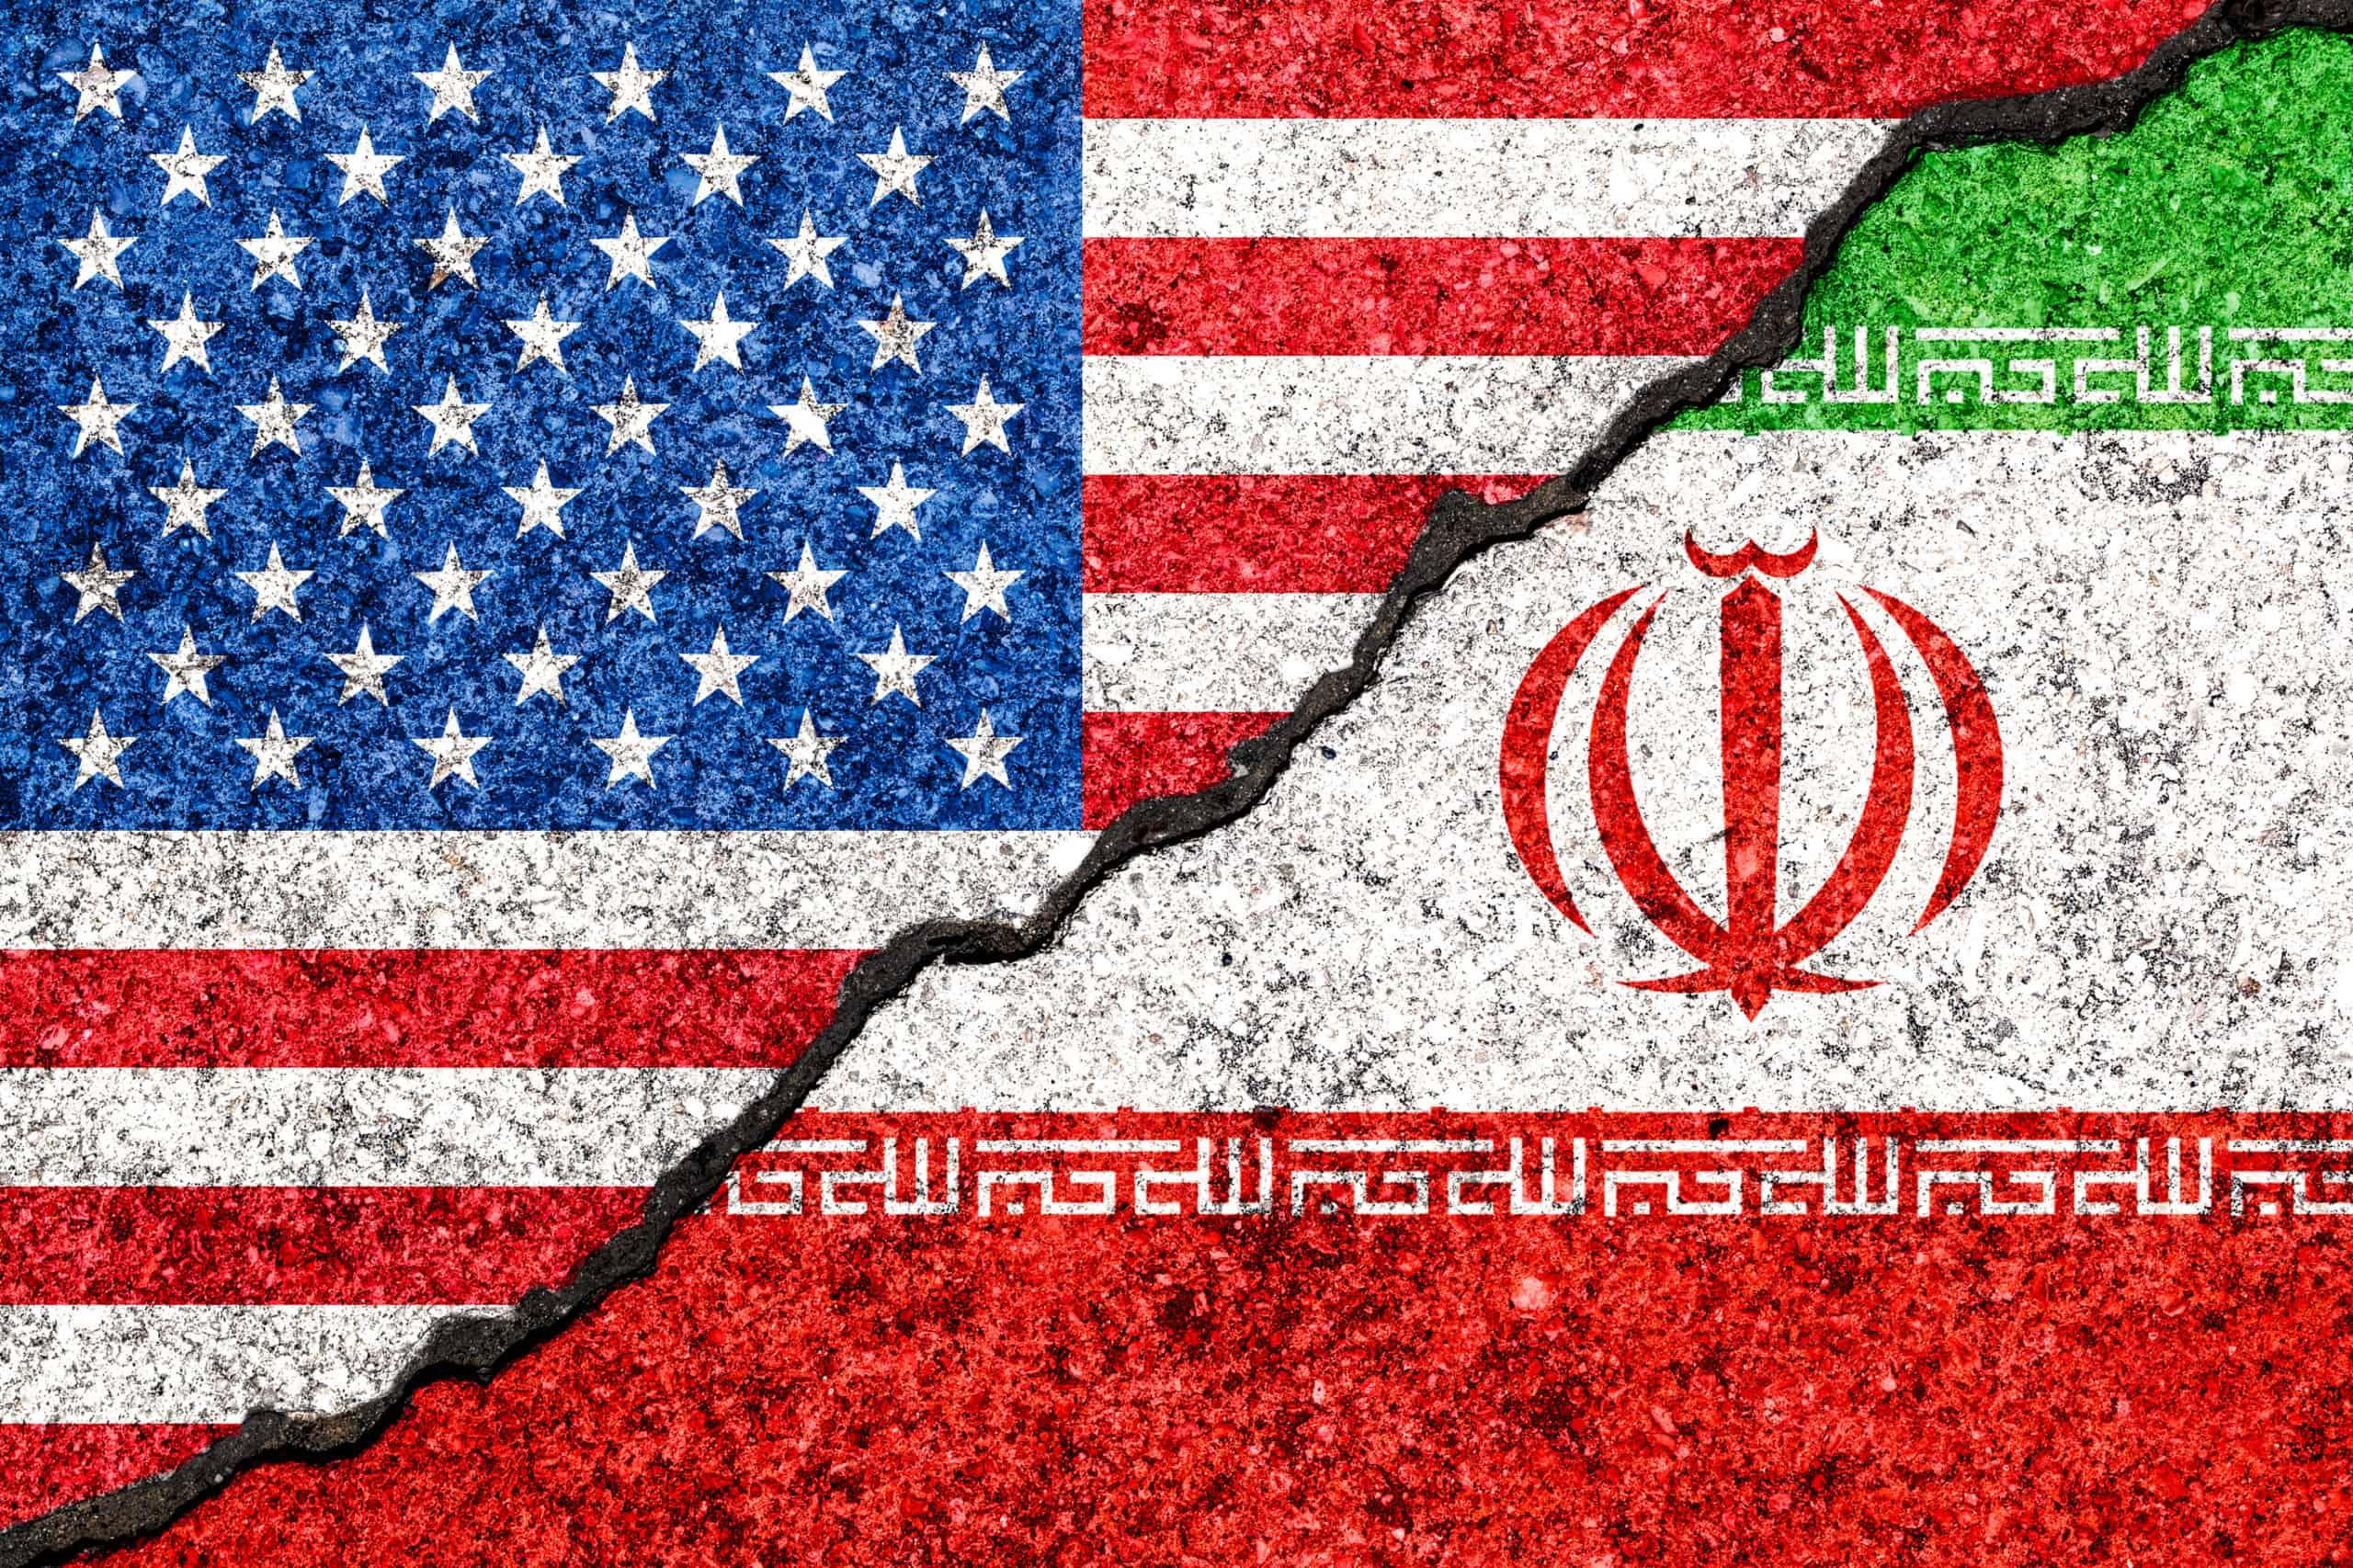 kupuj plotki, sprzedawaj fakty - sytuacja w Iranie 3 stycznia 2020